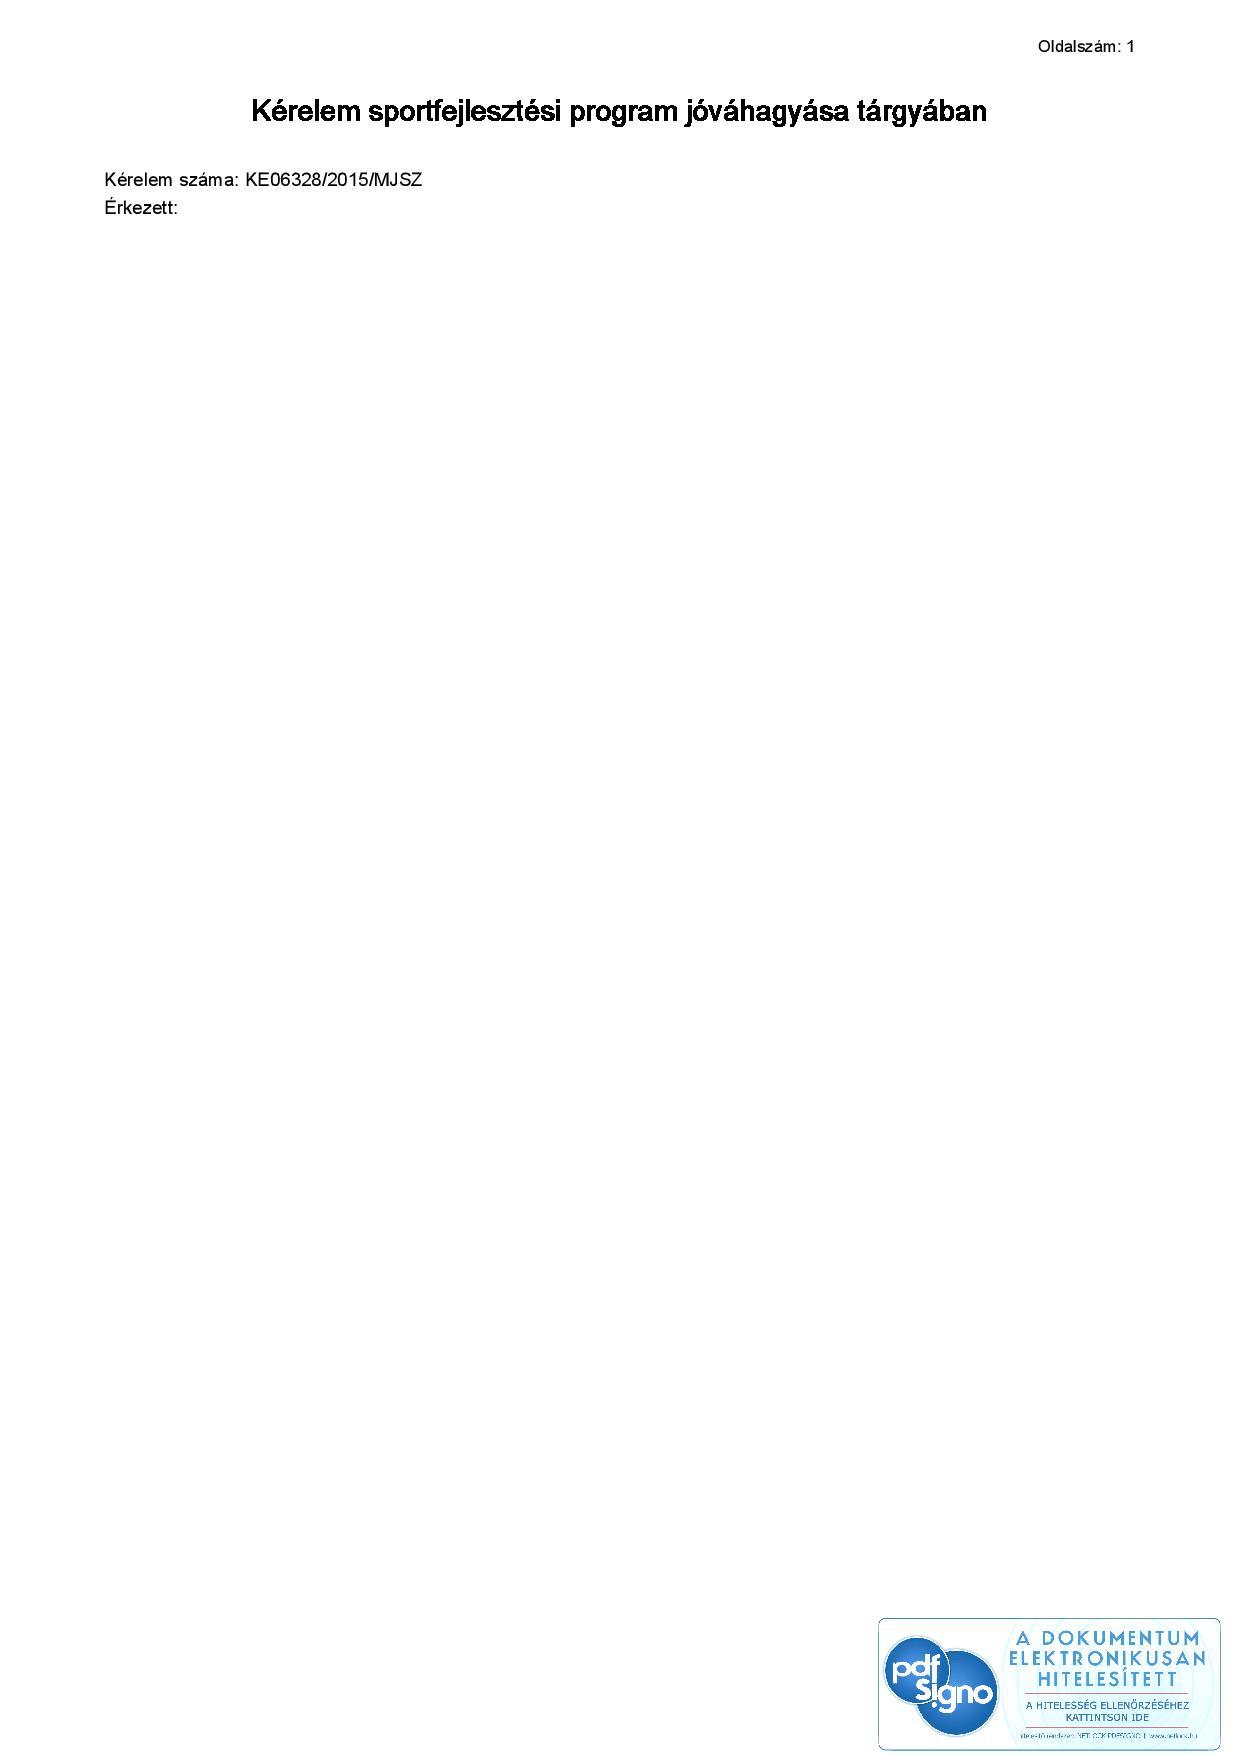 kerelem_djk_2015_2016 ke06328_836_hitelesitett djk dunaújvárosi jégkorong kft 20150430-page-001